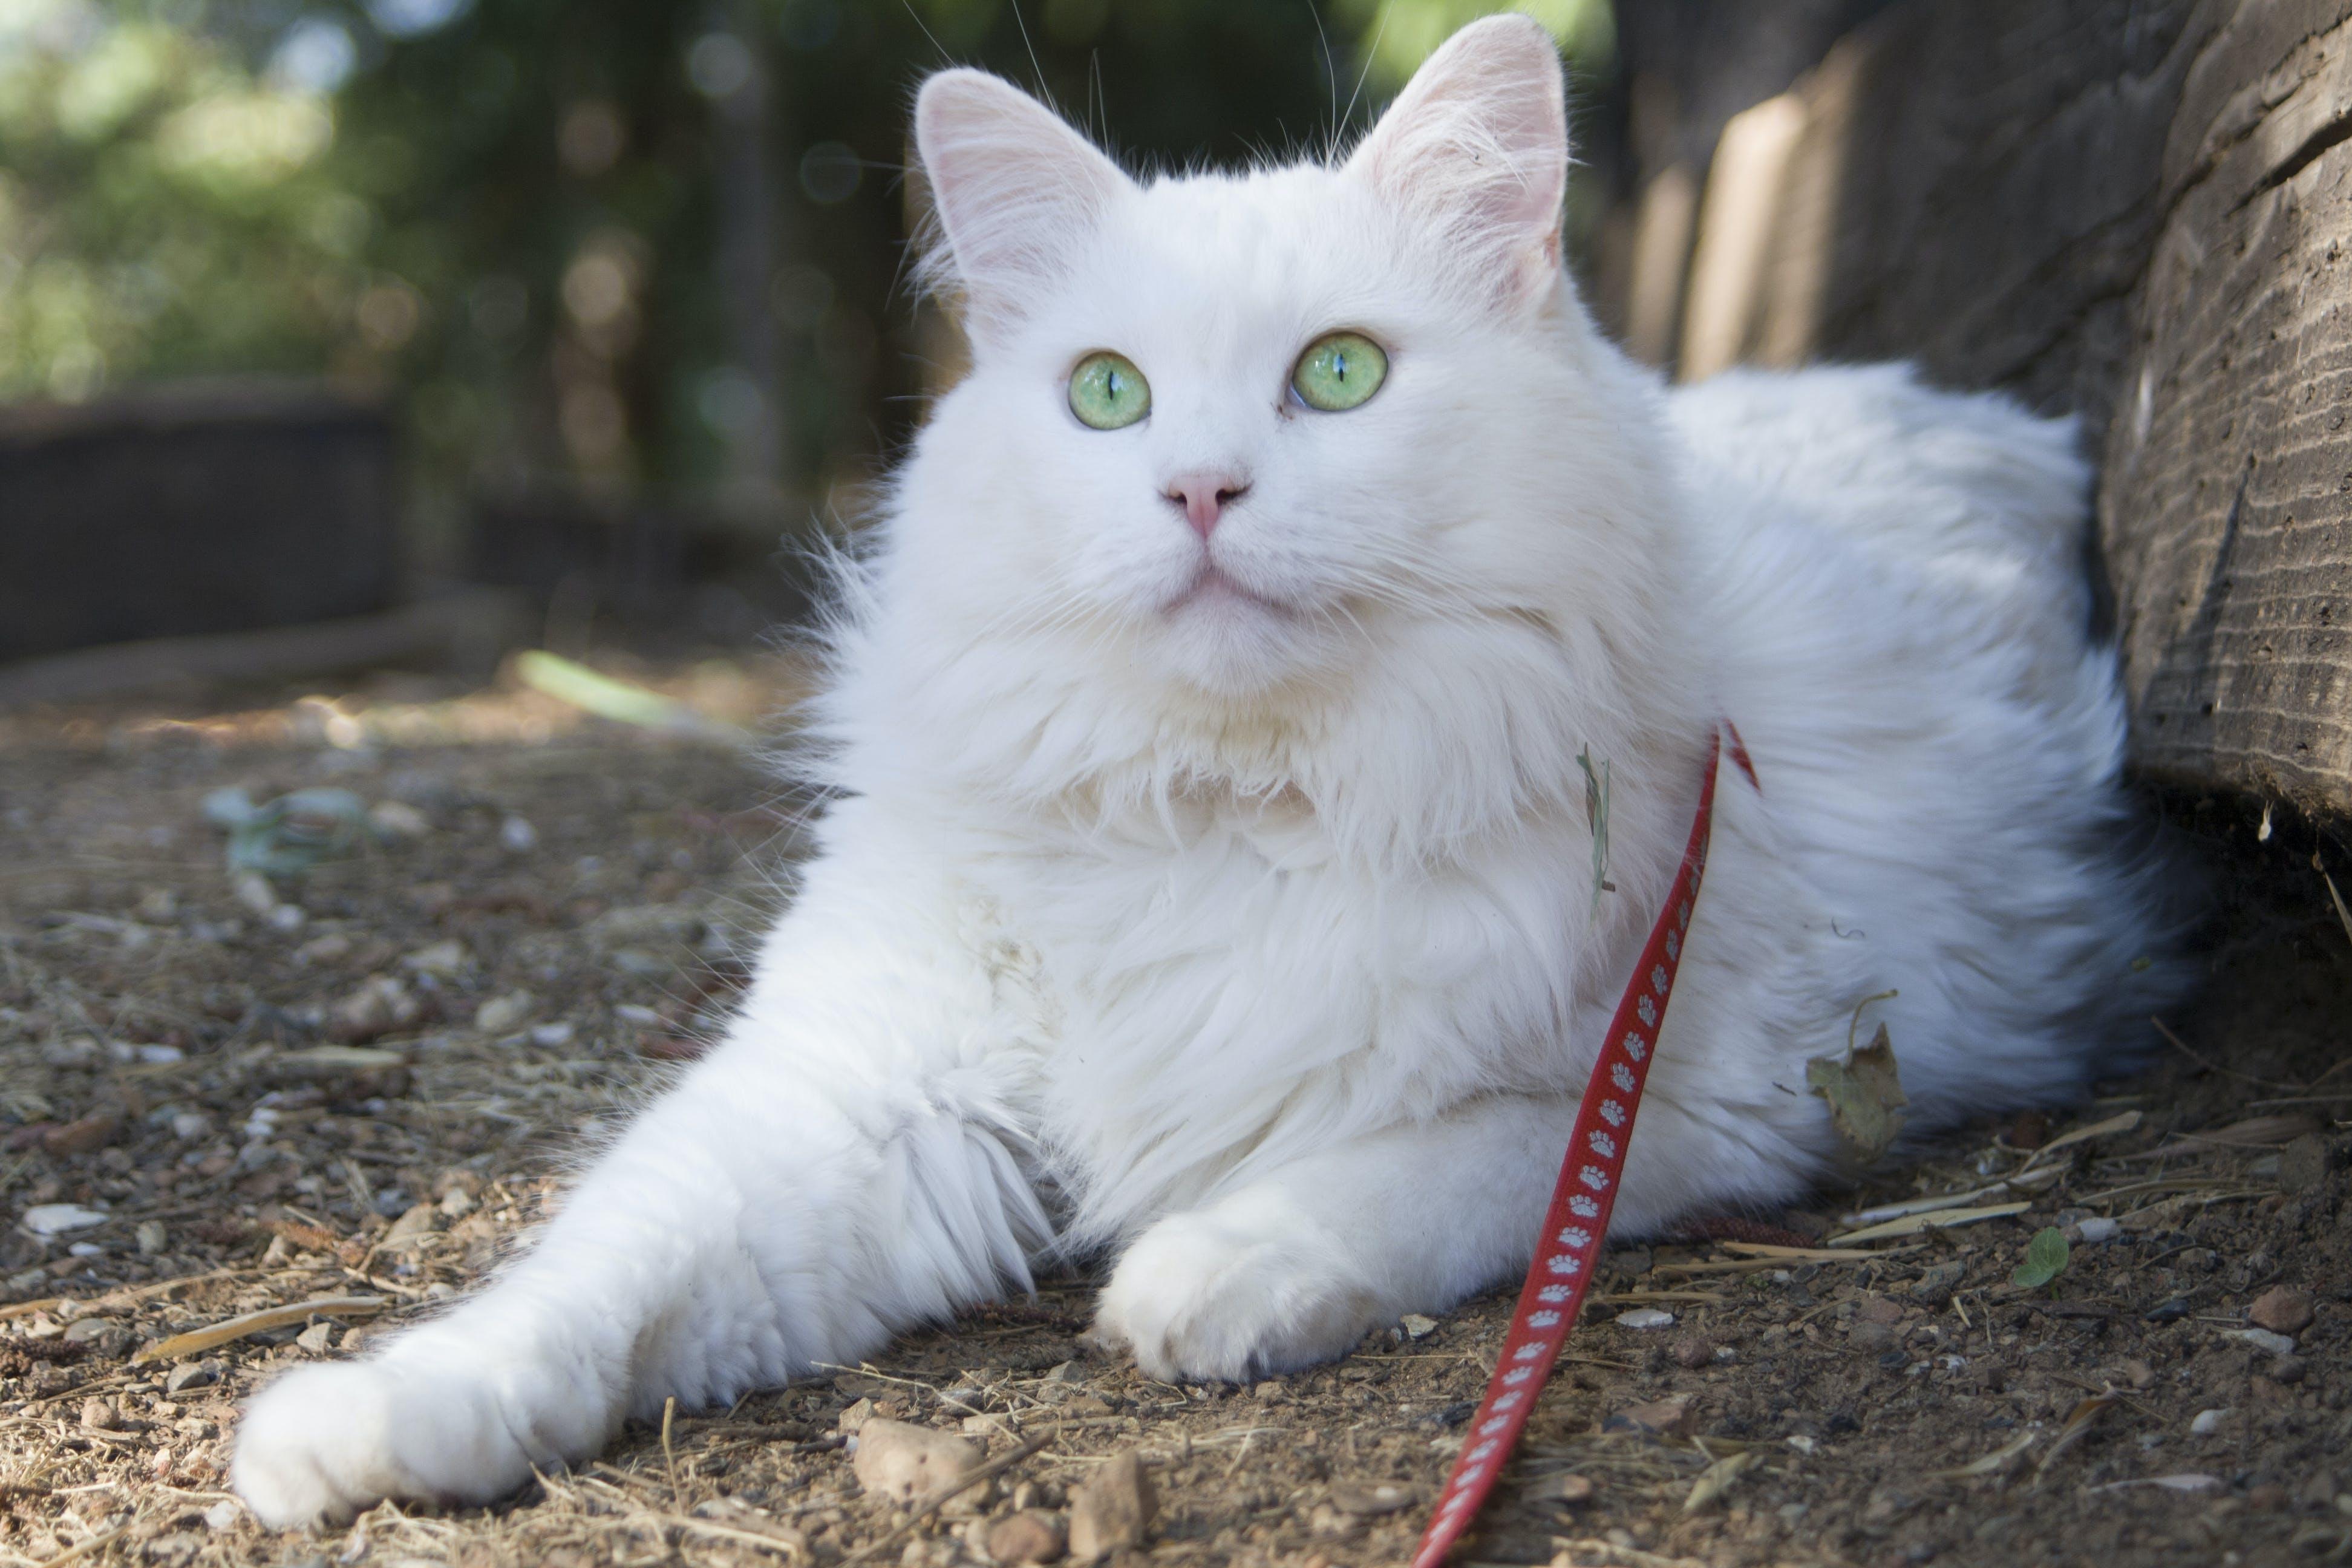 Gratis arkivbilde med grønne øyne, hvit, katt